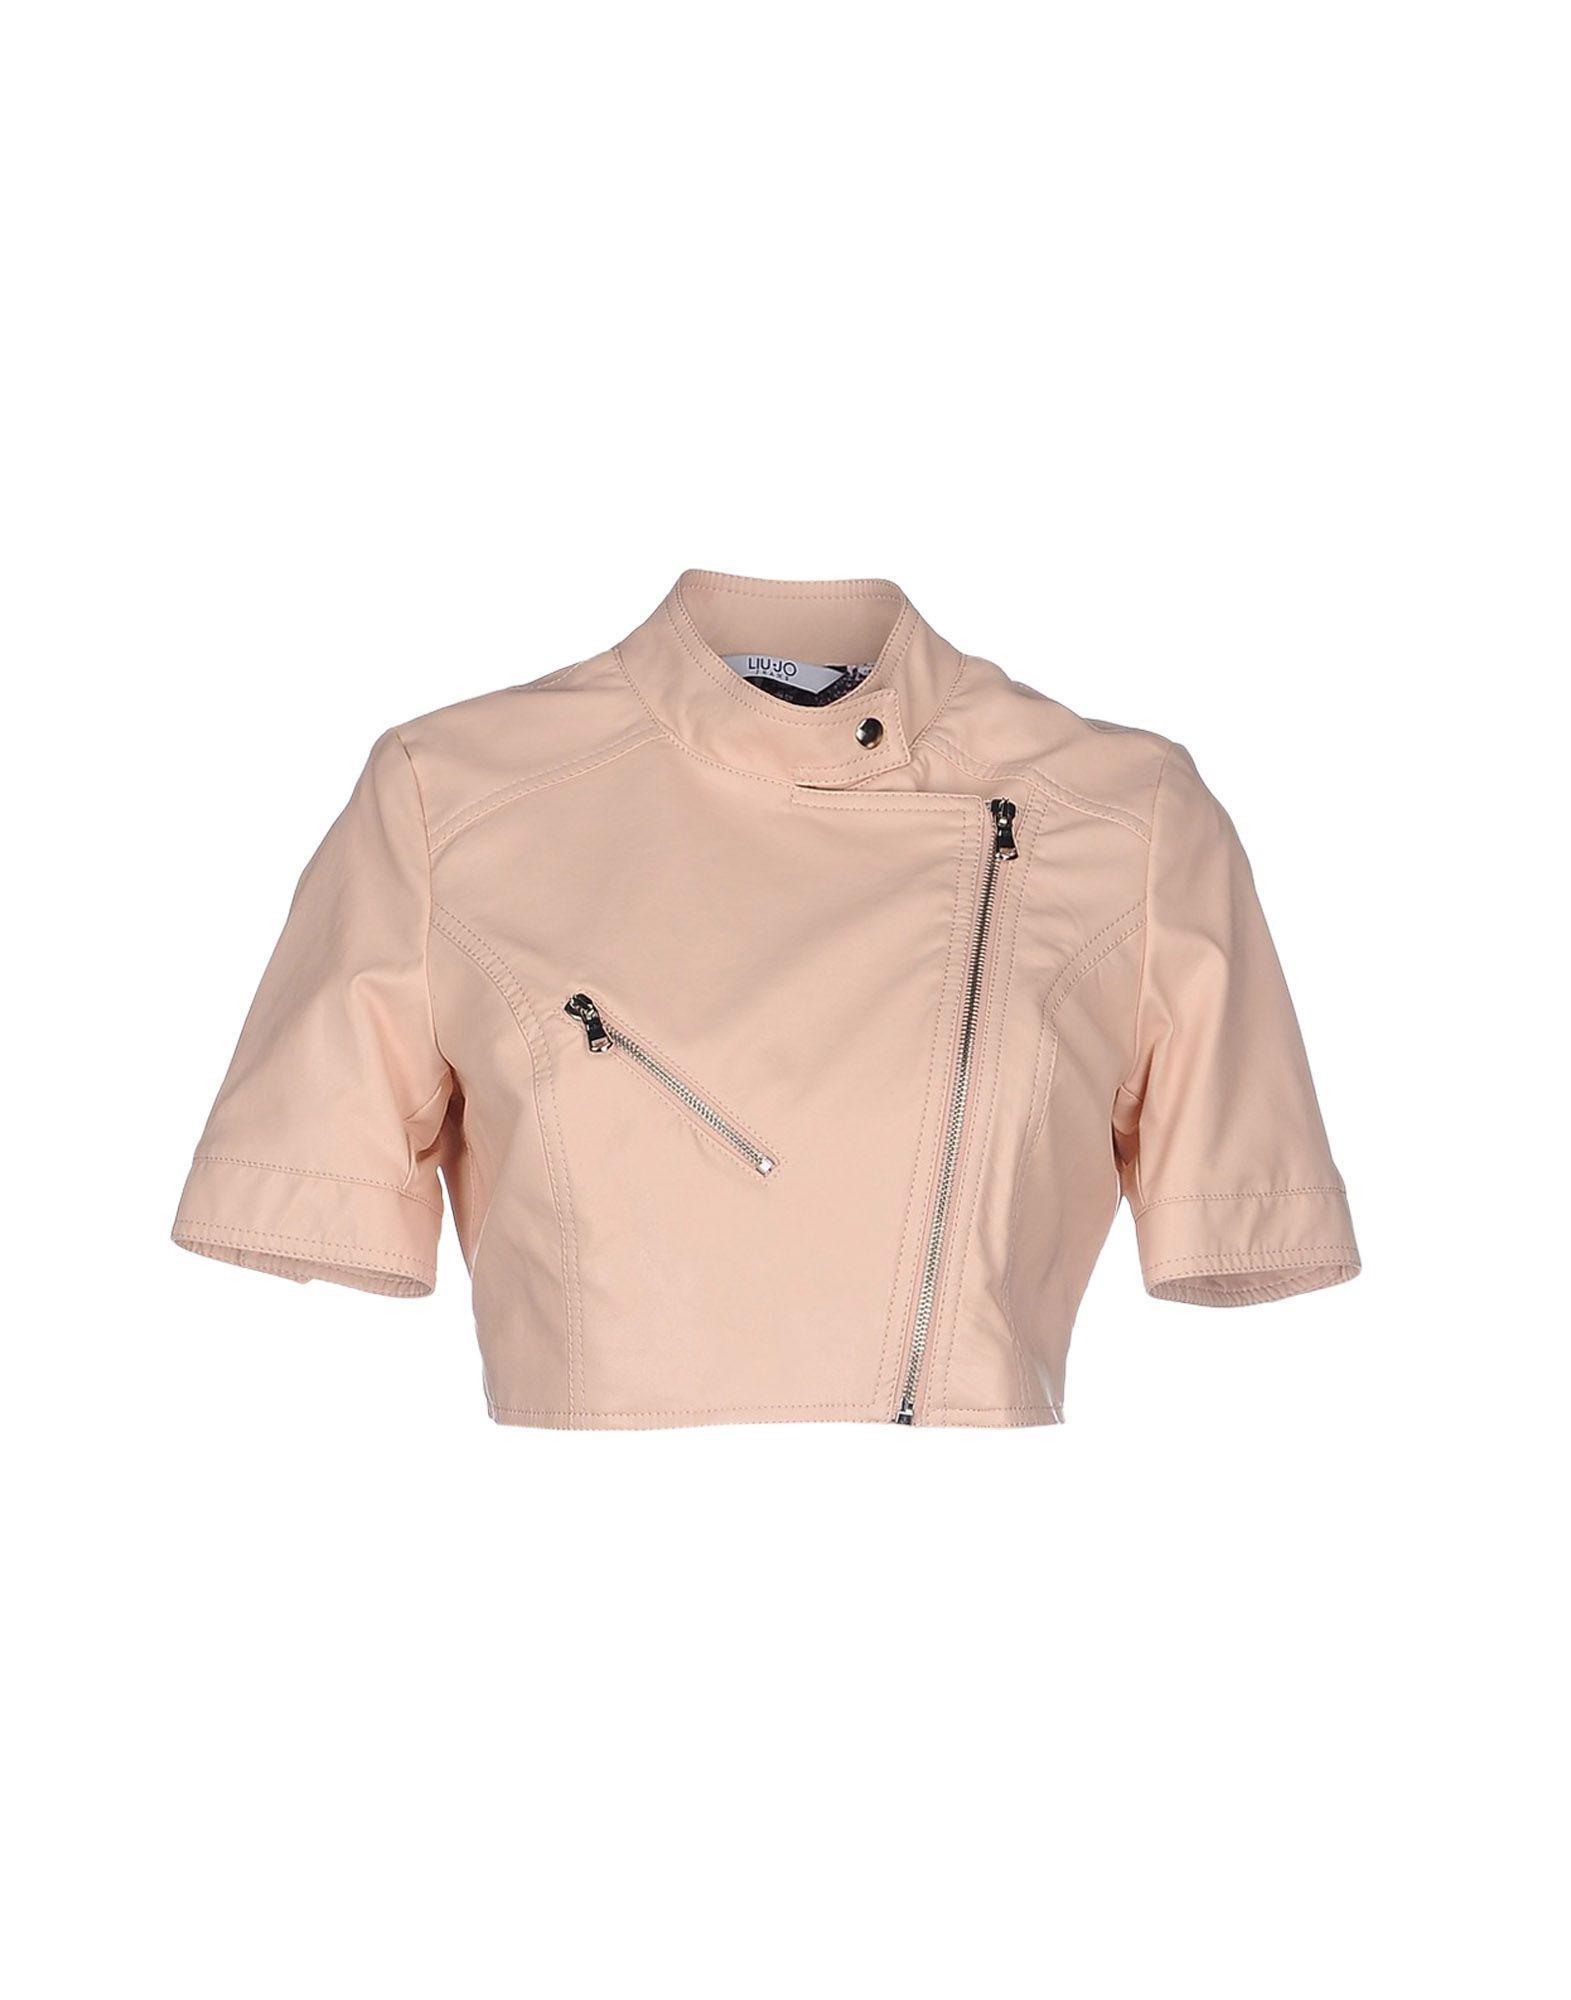 Liu •jo Blazers In Light Pink